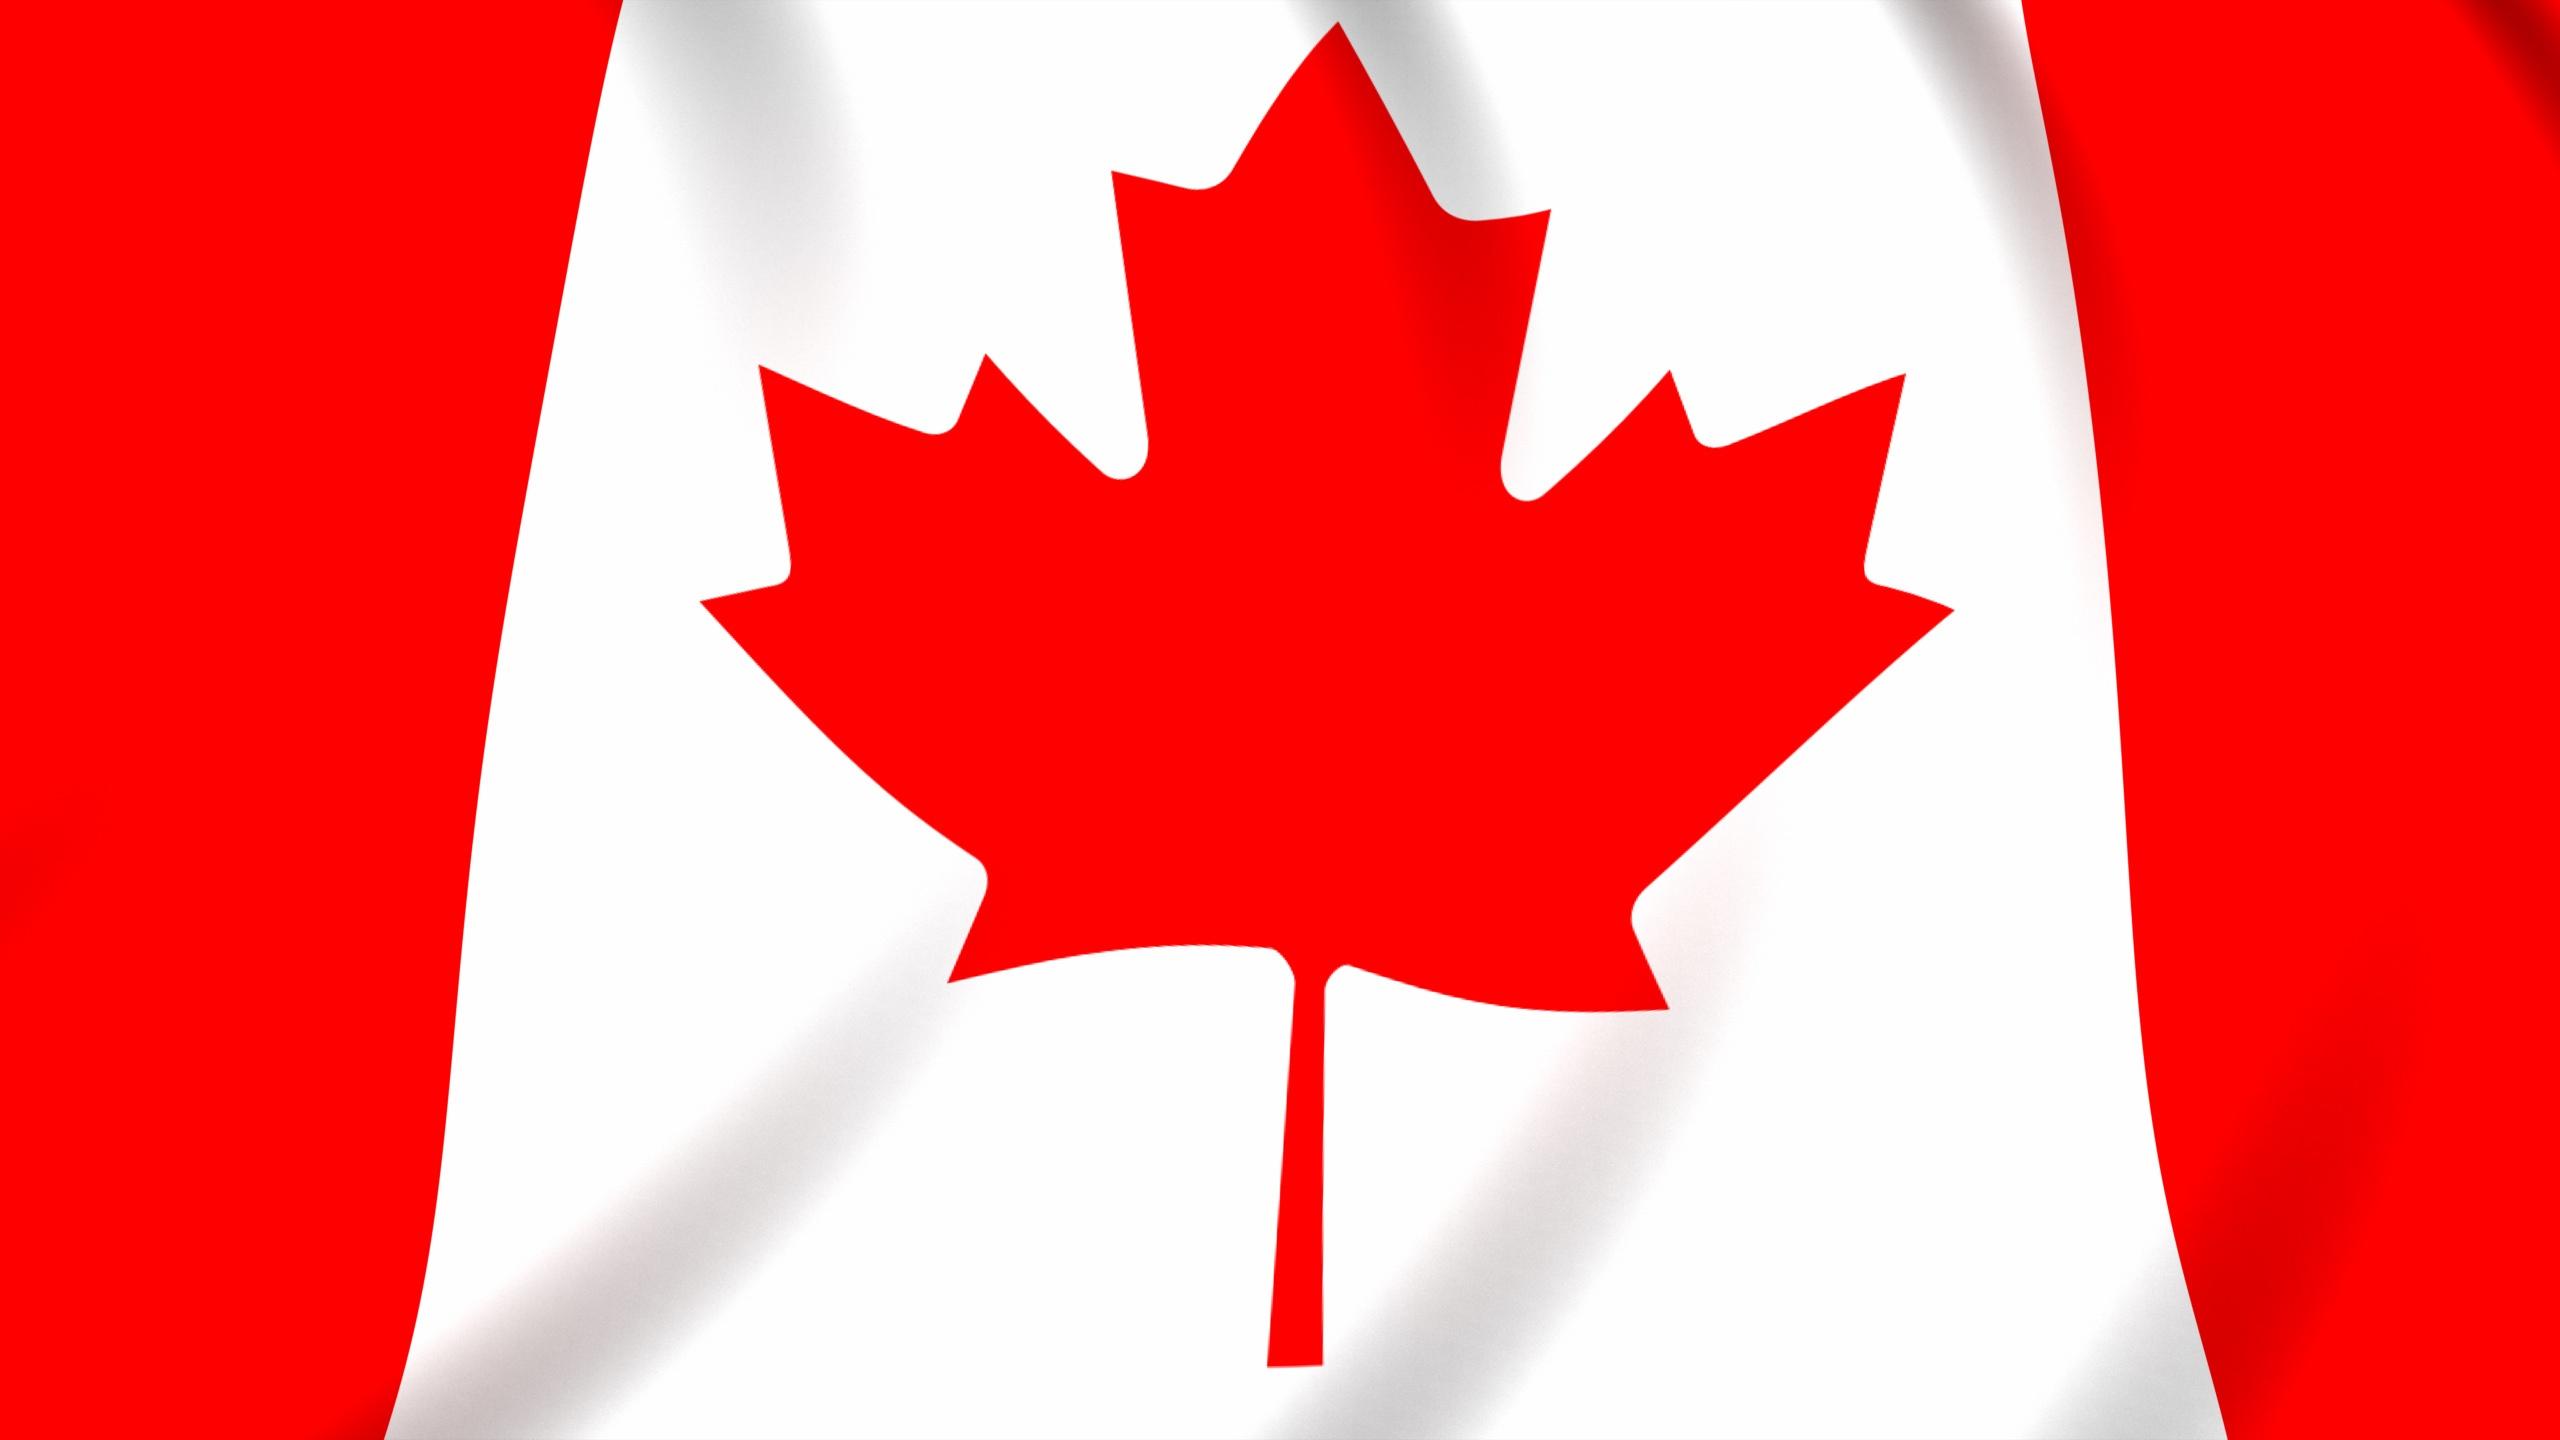 3D Wallpaper Canada flag 2560 x 1440 2560x1440